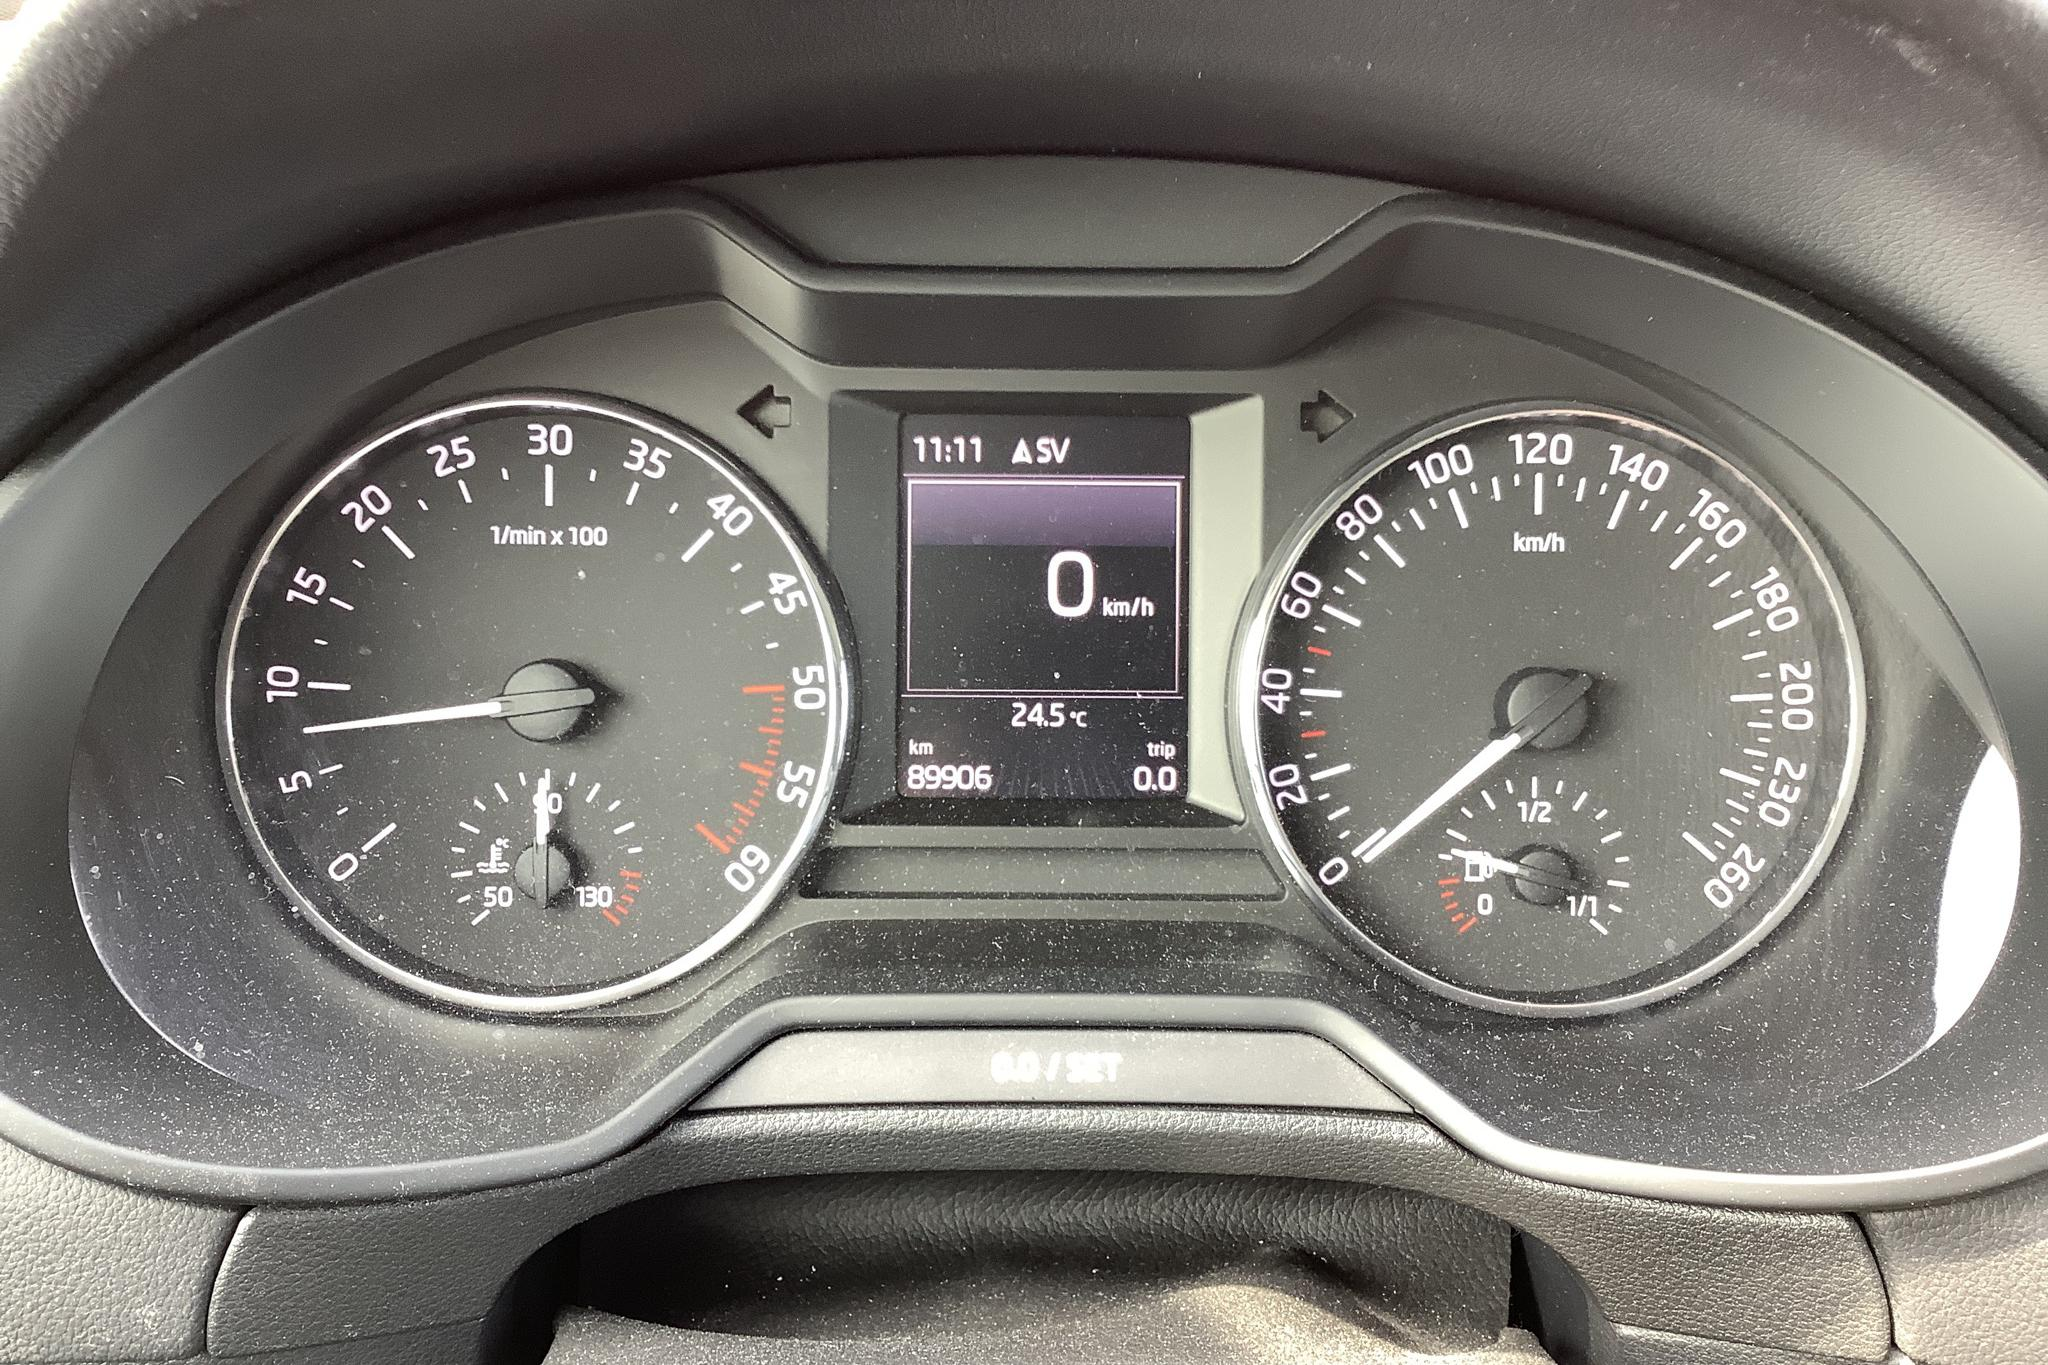 Skoda Octavia III 2.0 TDI CR Combi (150hk) - 8 991 mil - Manuell - grå - 2017